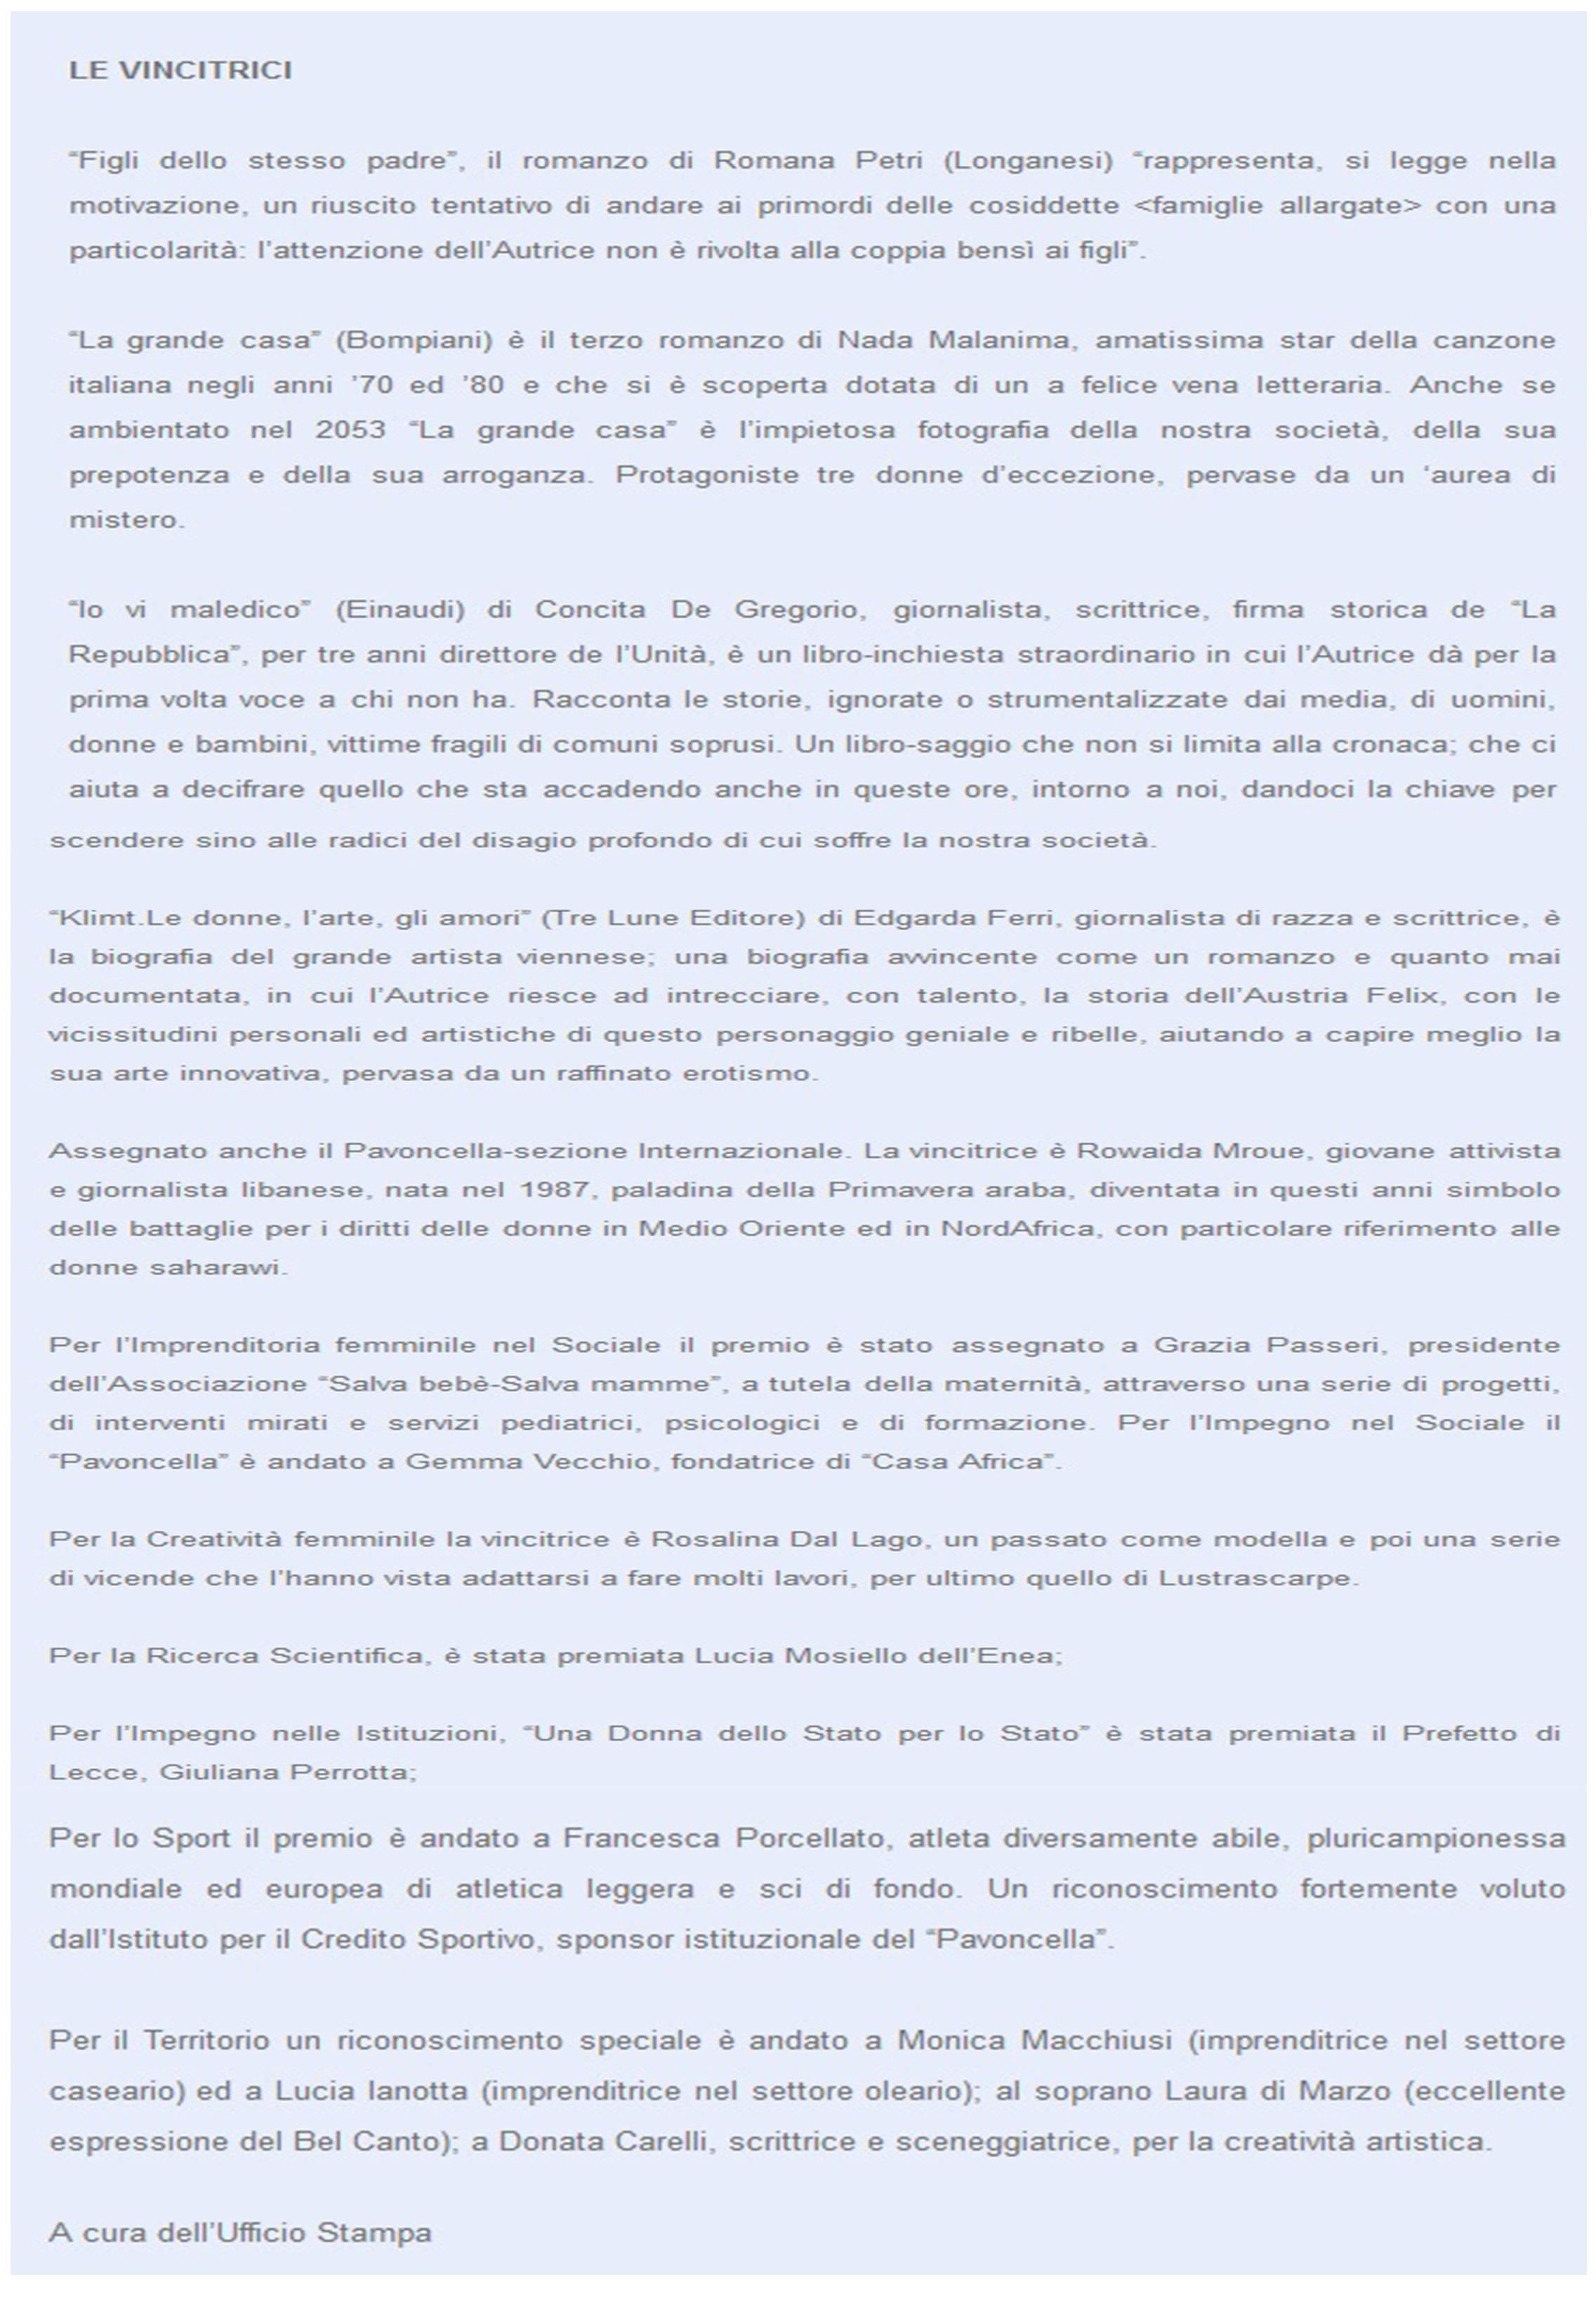 Ufficio Stampa: A cura di Romano Tripodi